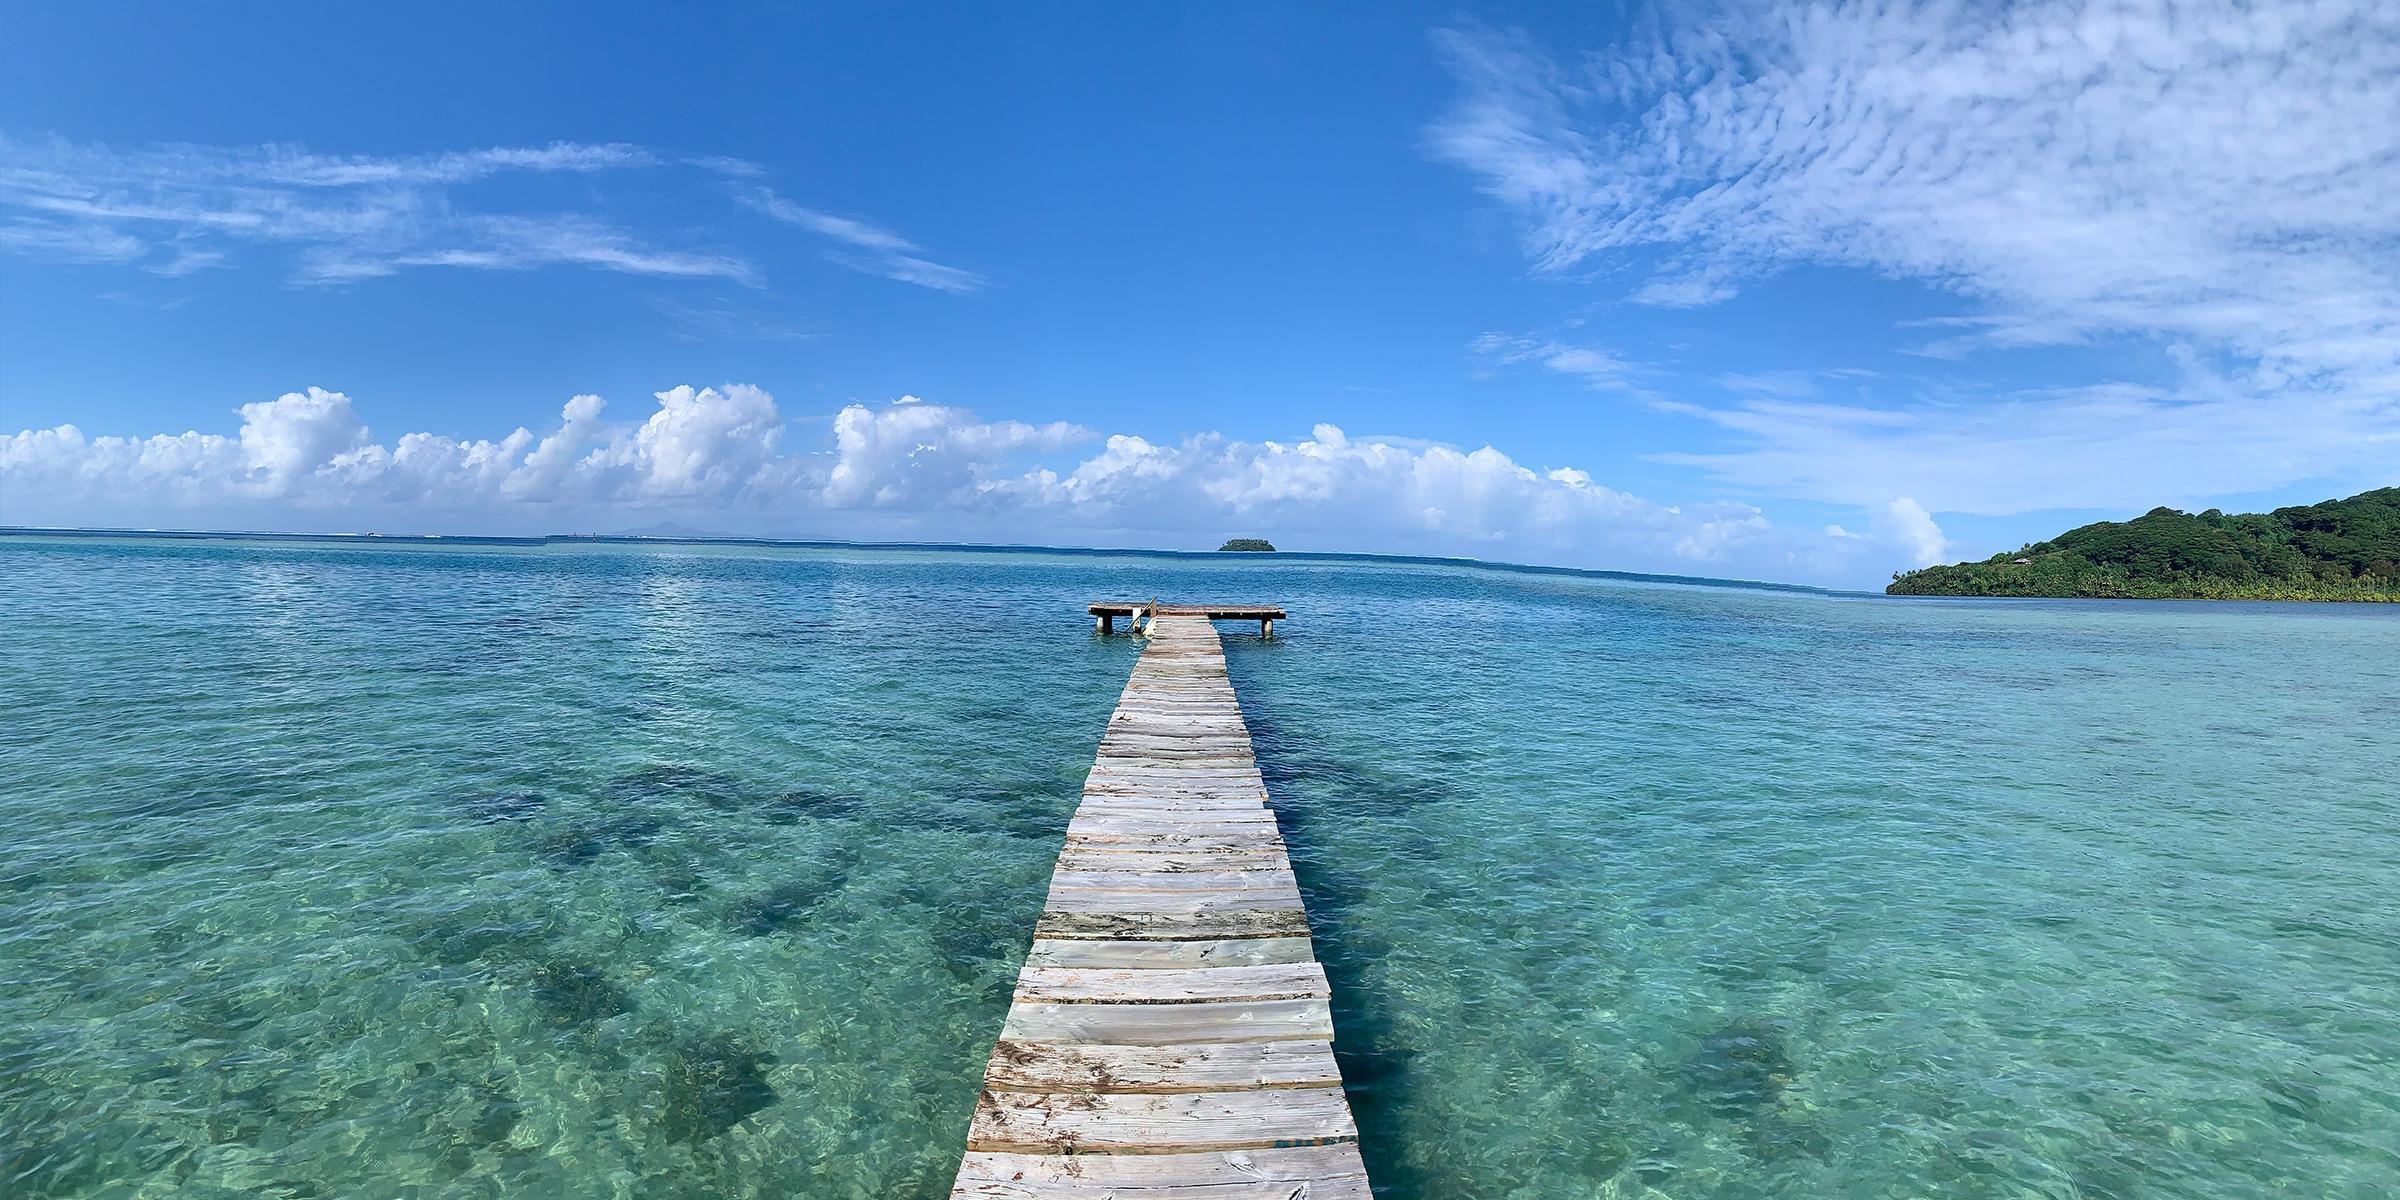 Raiatea Tahiti Wooden Dock